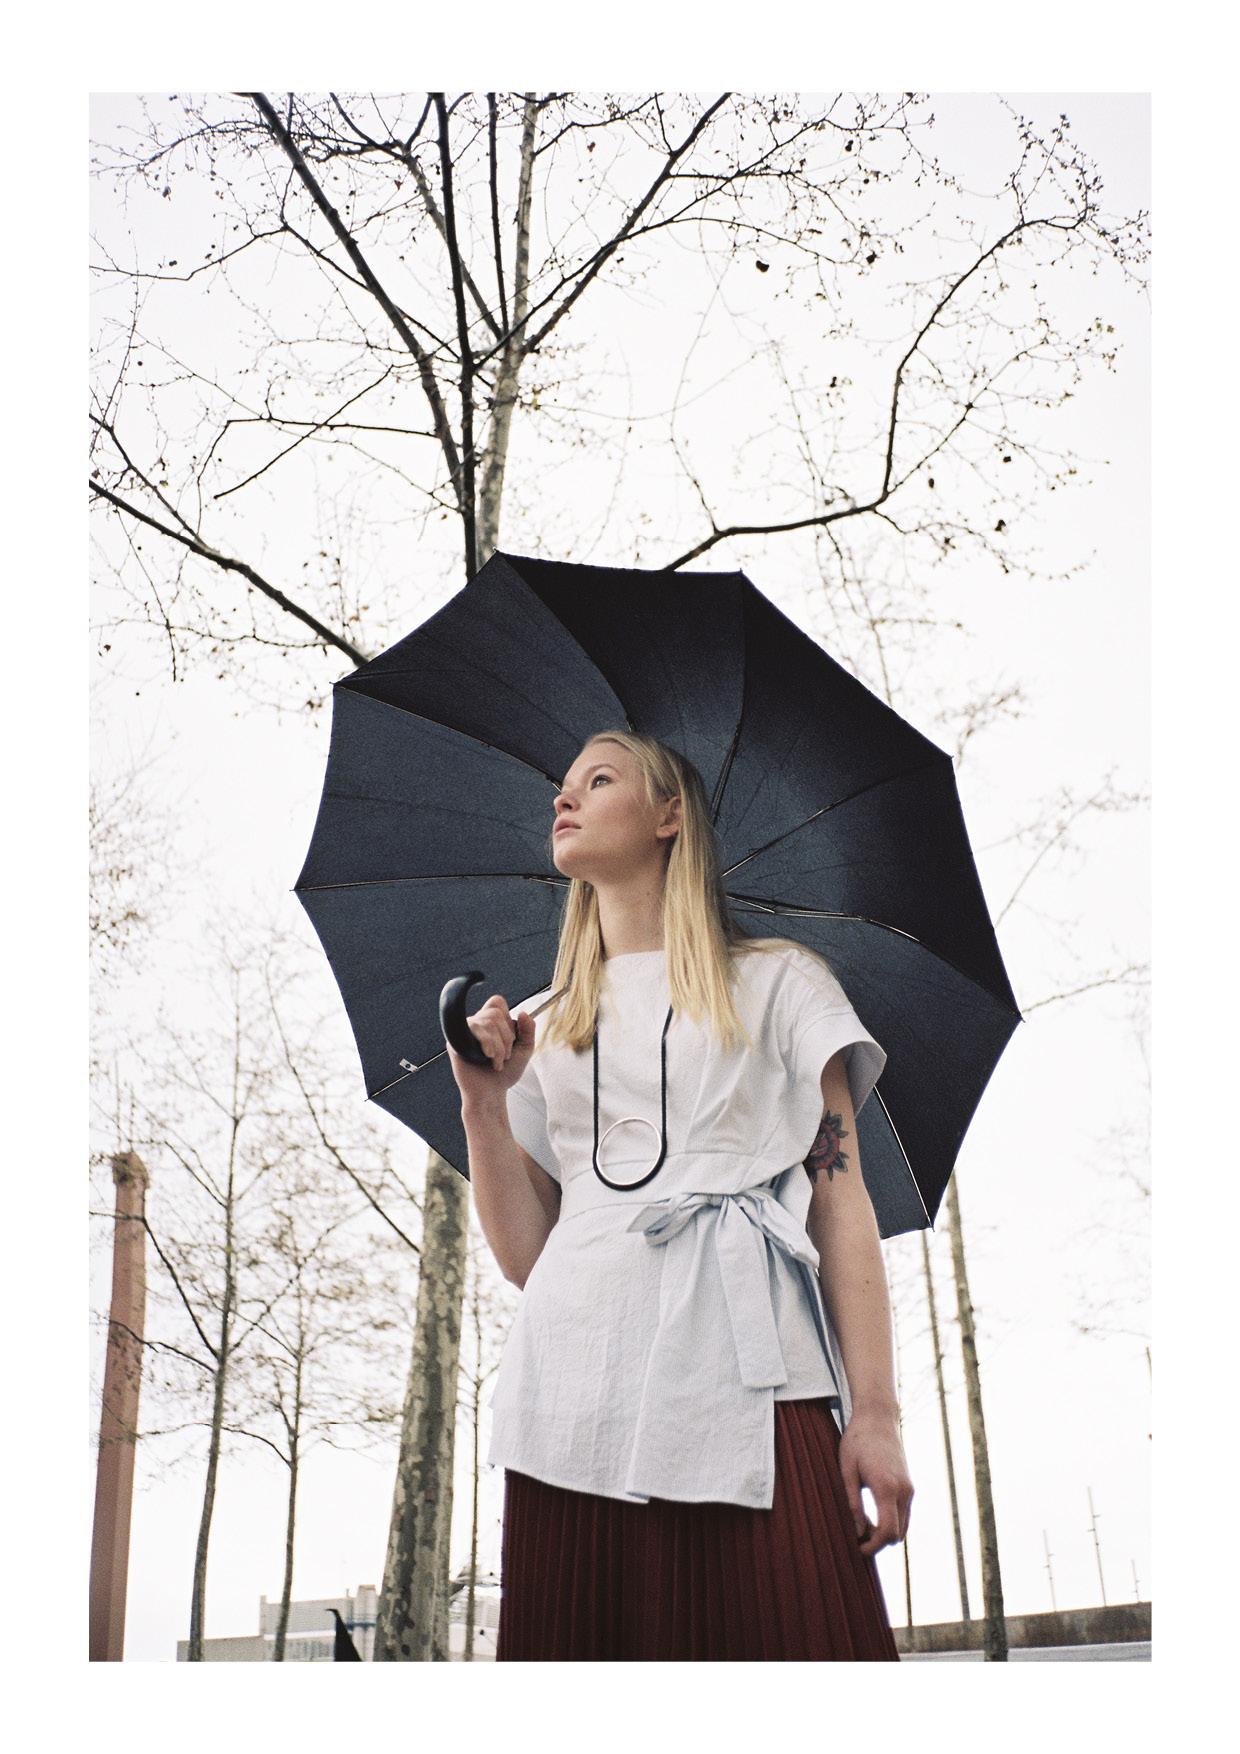 Lotta Neudecker at Unizo Models by Paula Latimori